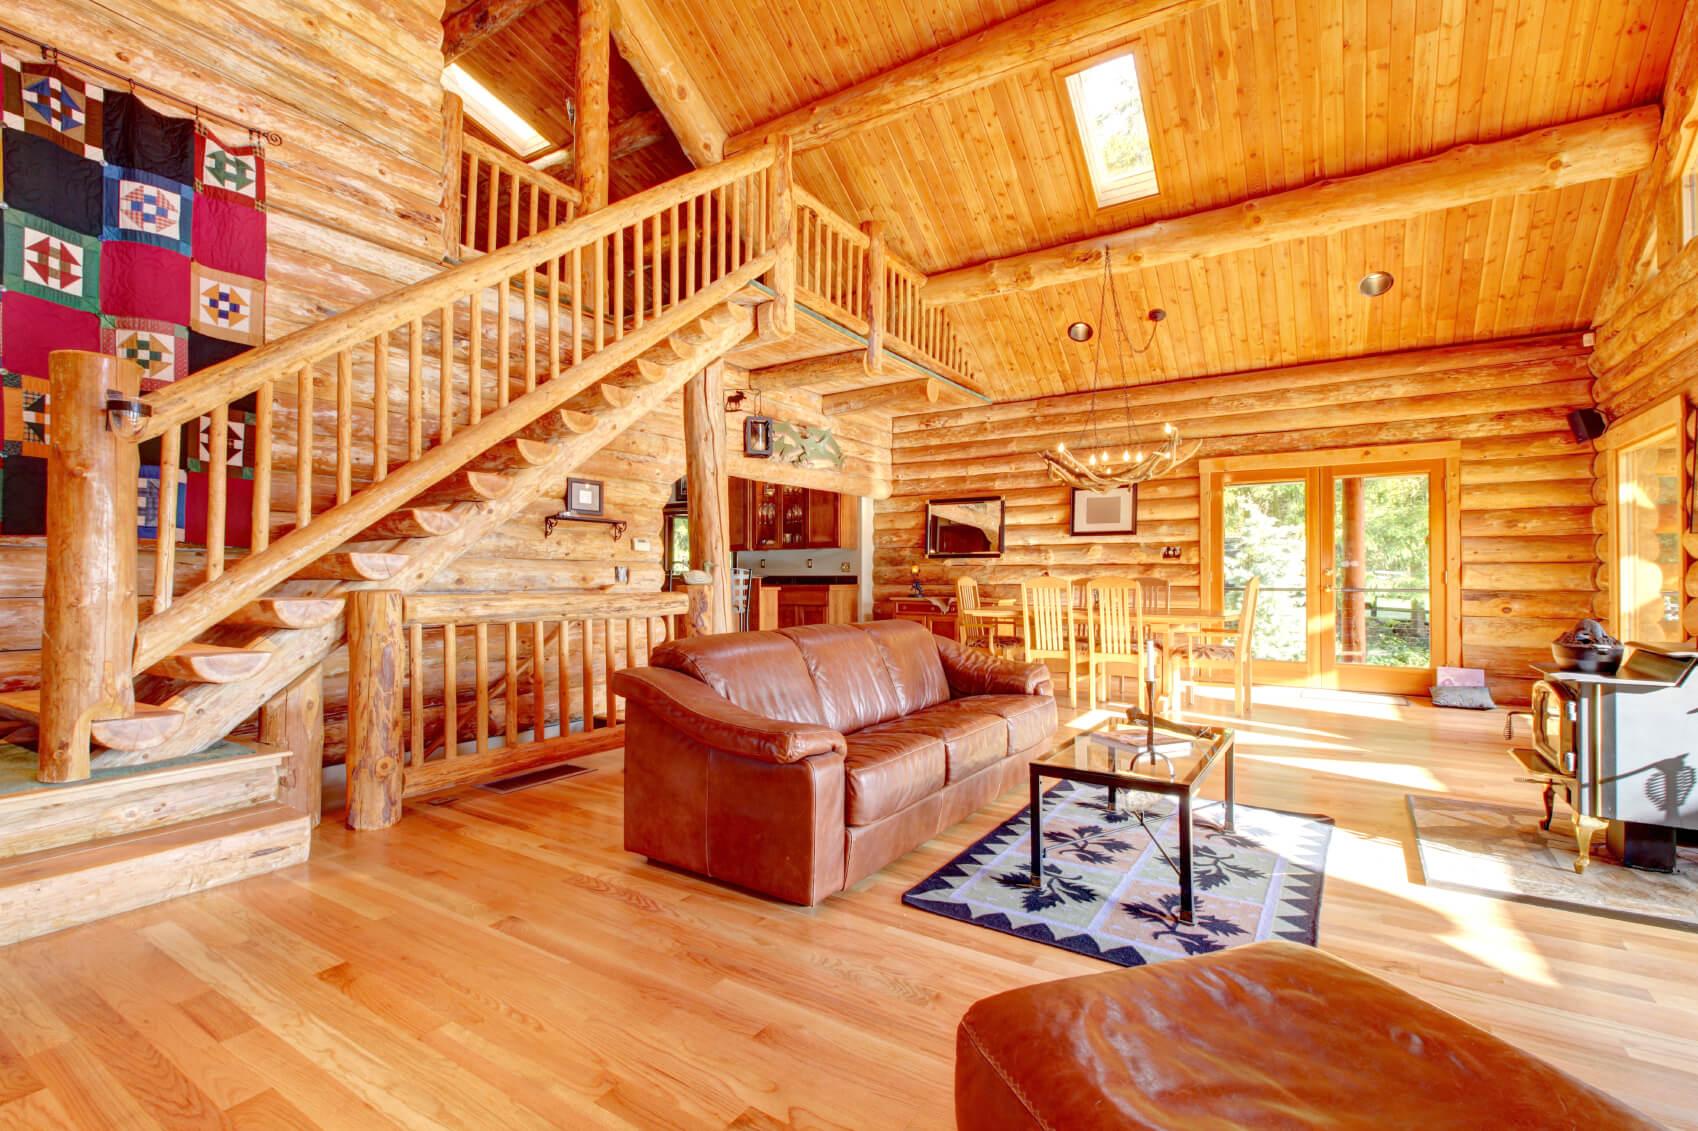 нижнее белье обустройство нового деревянного дома внутри материал